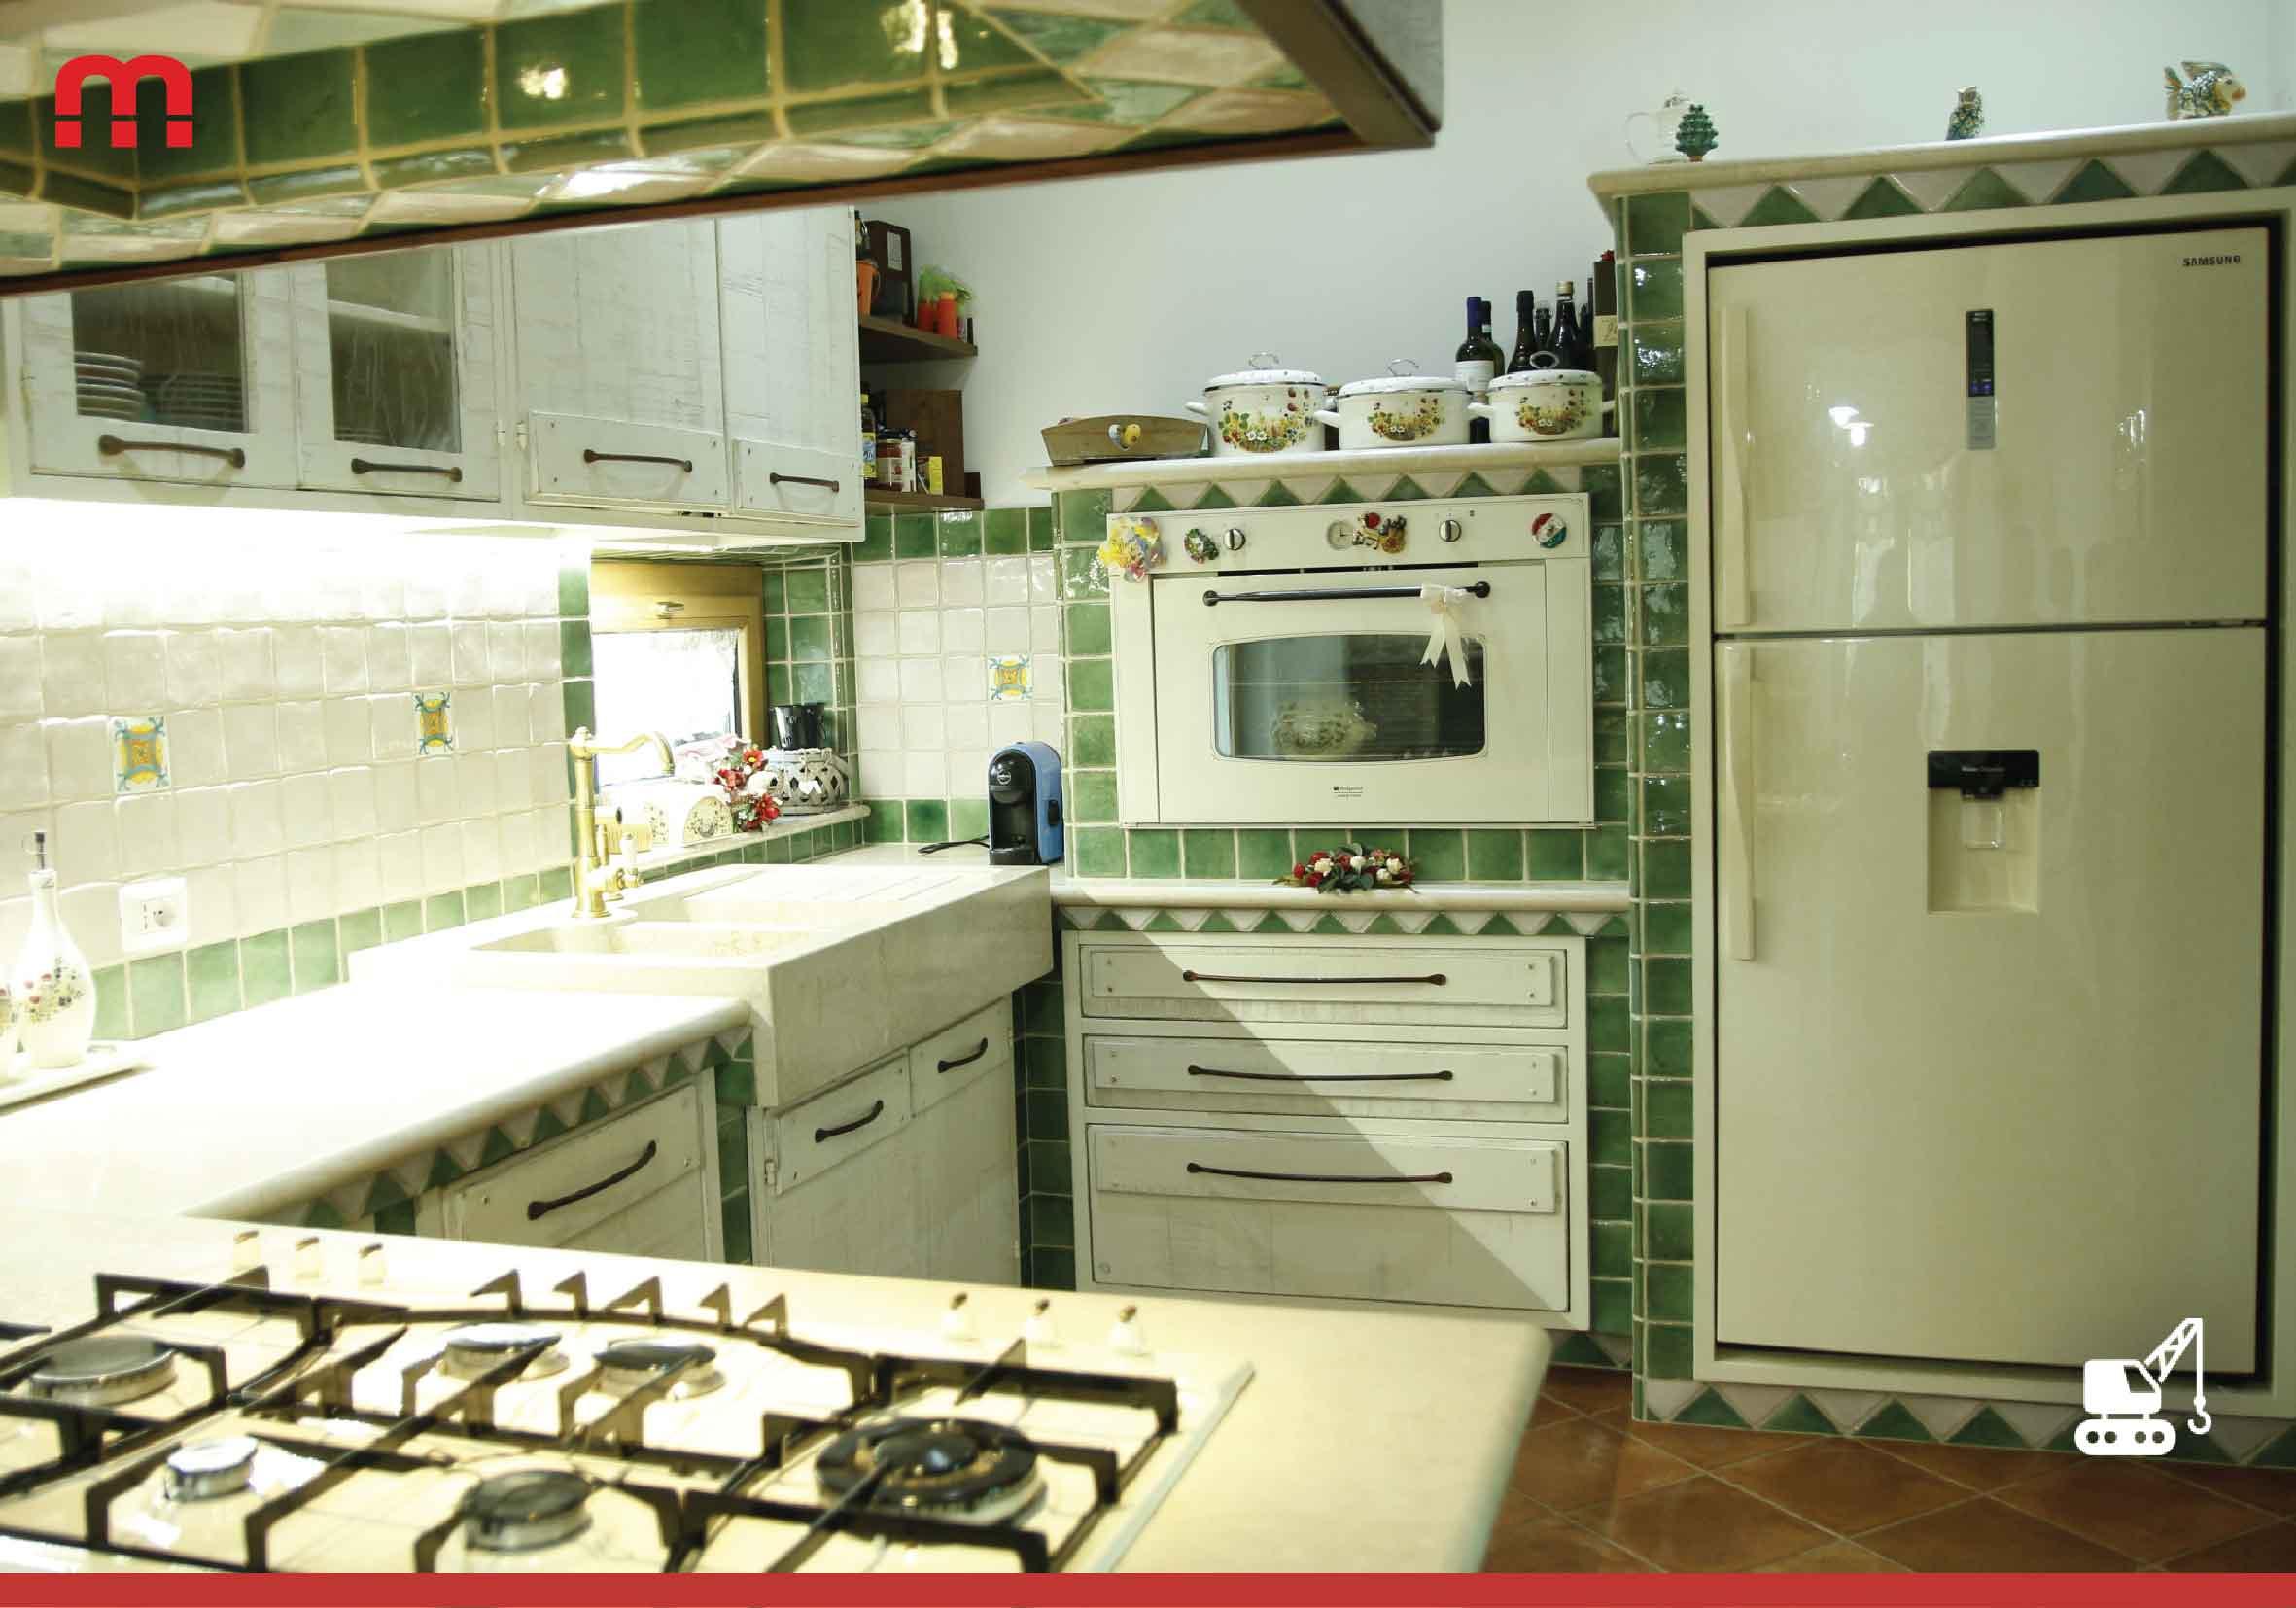 Works_bagni e cucina in muratura-02